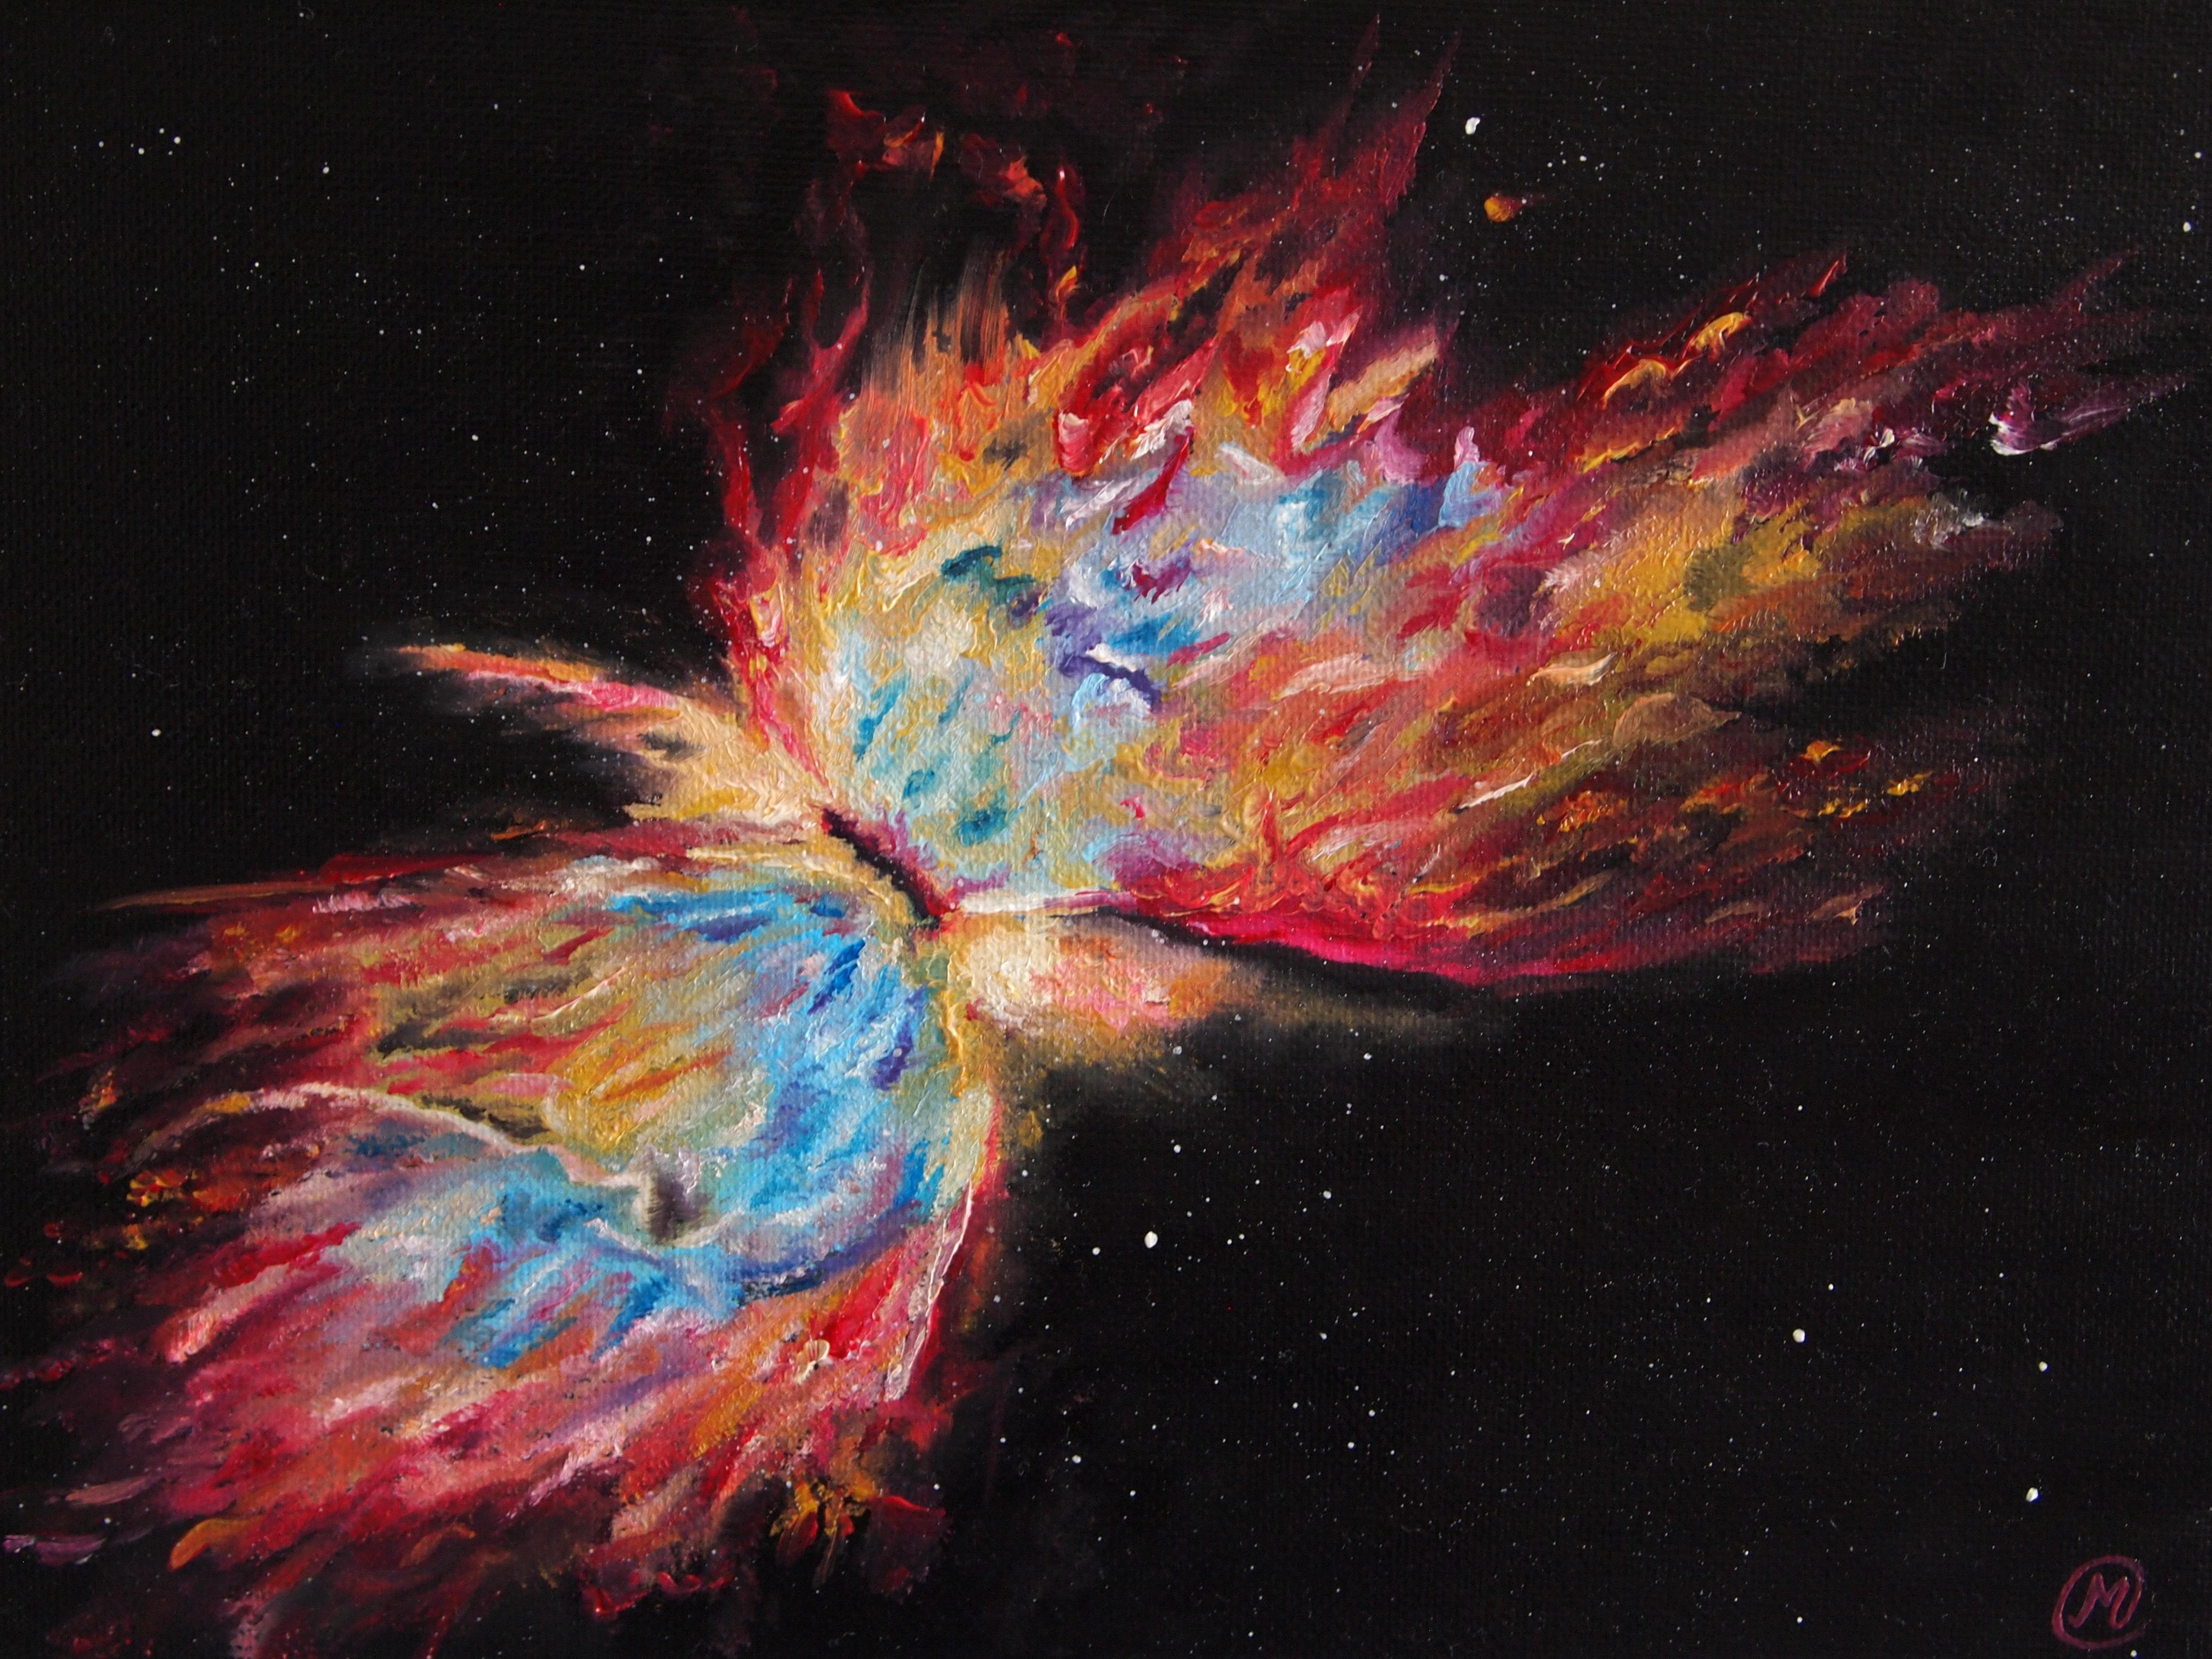 Nebulosa Mariposa